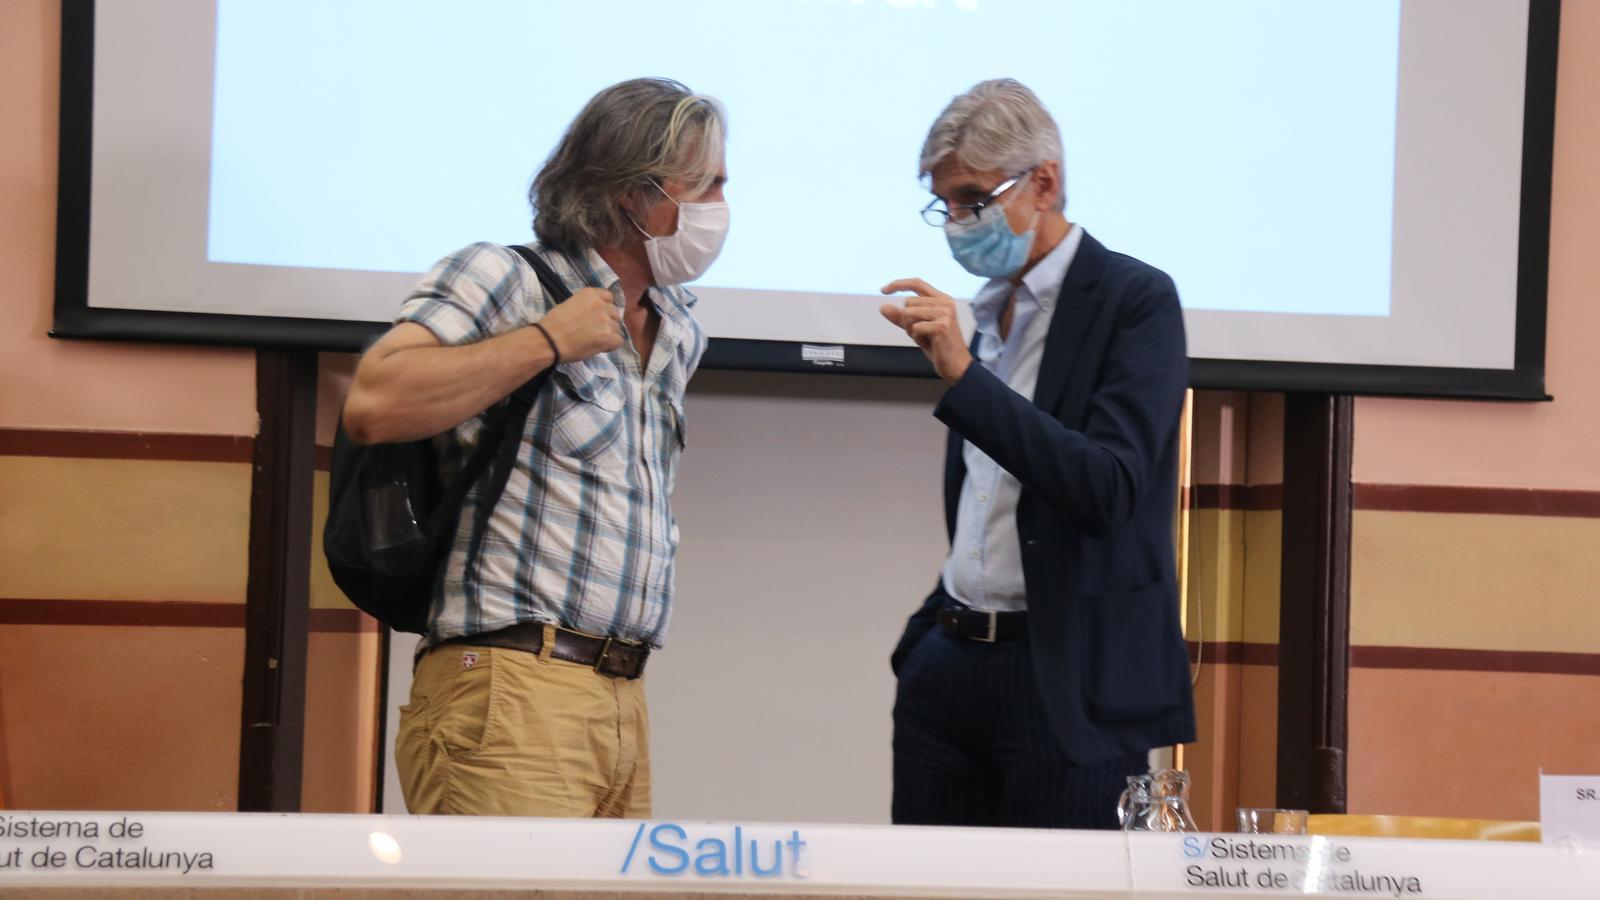 El secretari de Salut Pública, Josep Maria Argimon, i el coordinador de la unitat de seguiment del covid-19 a Catalunya, Jacobo Mendioroz.